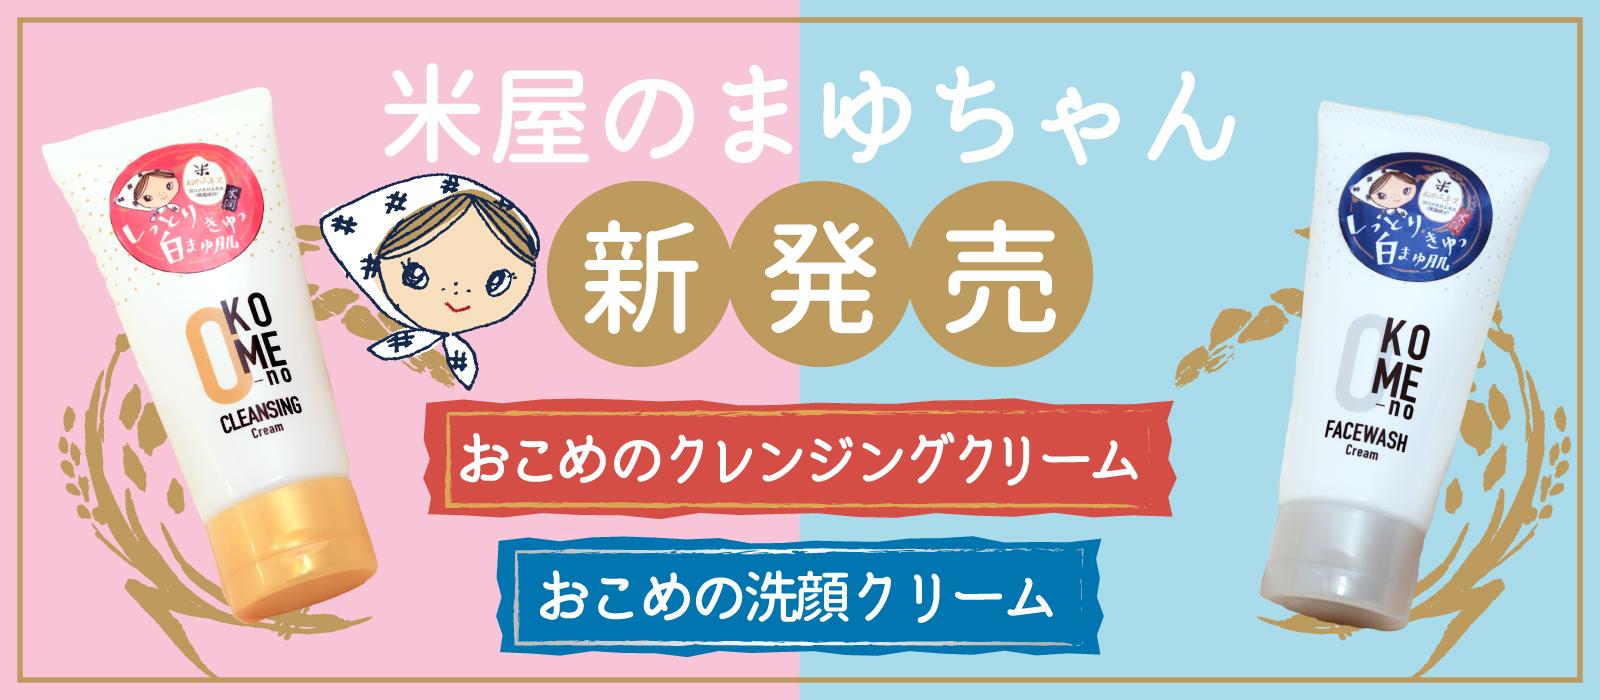 米屋のまゆちゃん